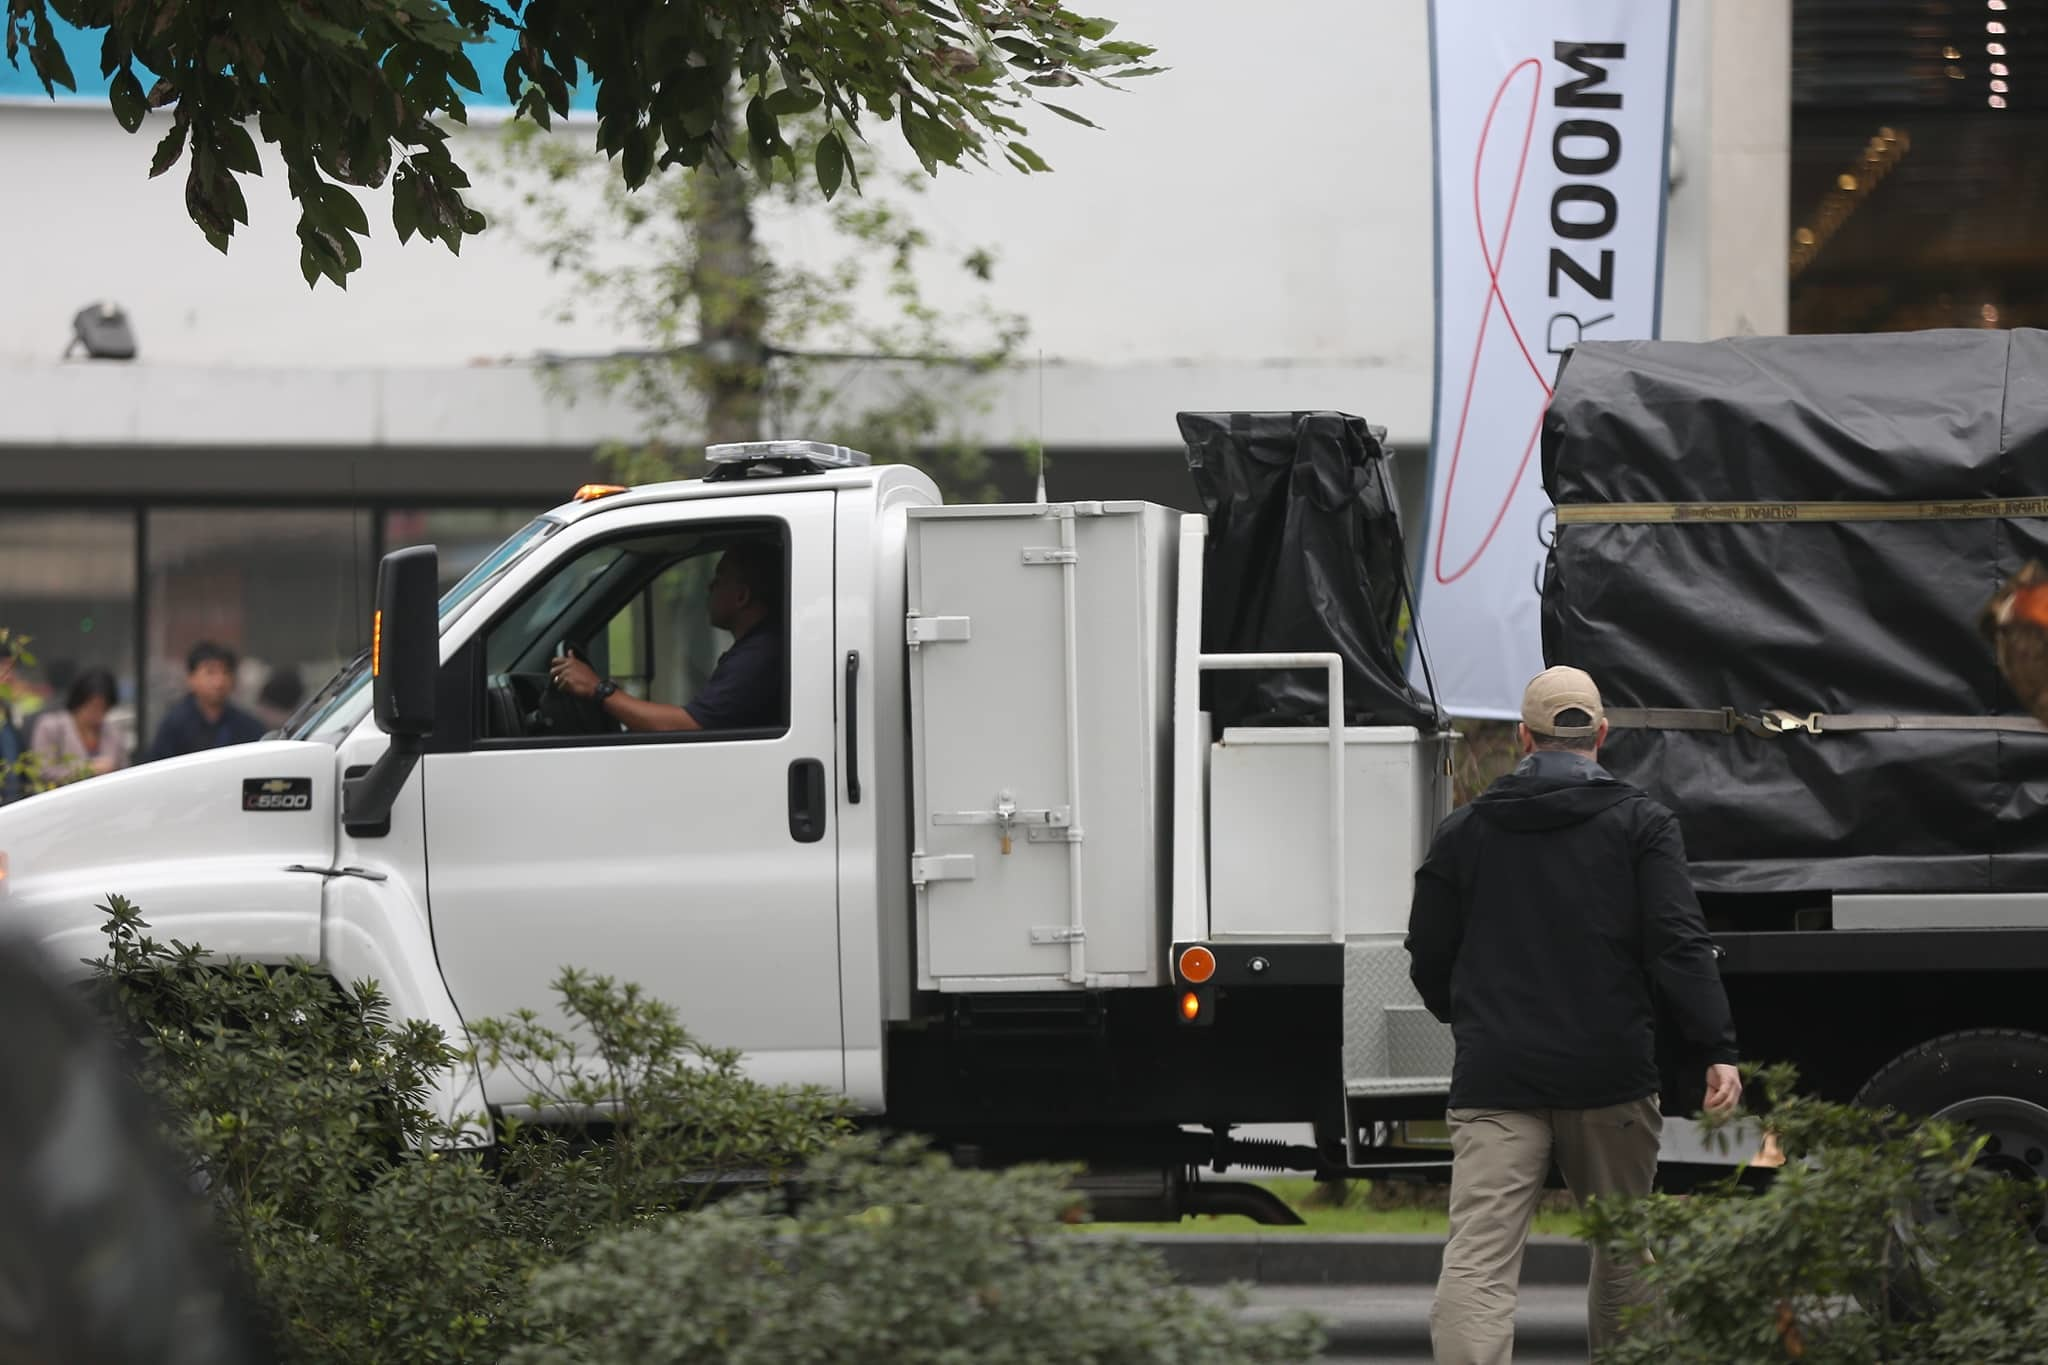 Đoàn xe chở thiết bị bảo vệ Tổng thống Mỹ Donald Trump đến Hà Nội